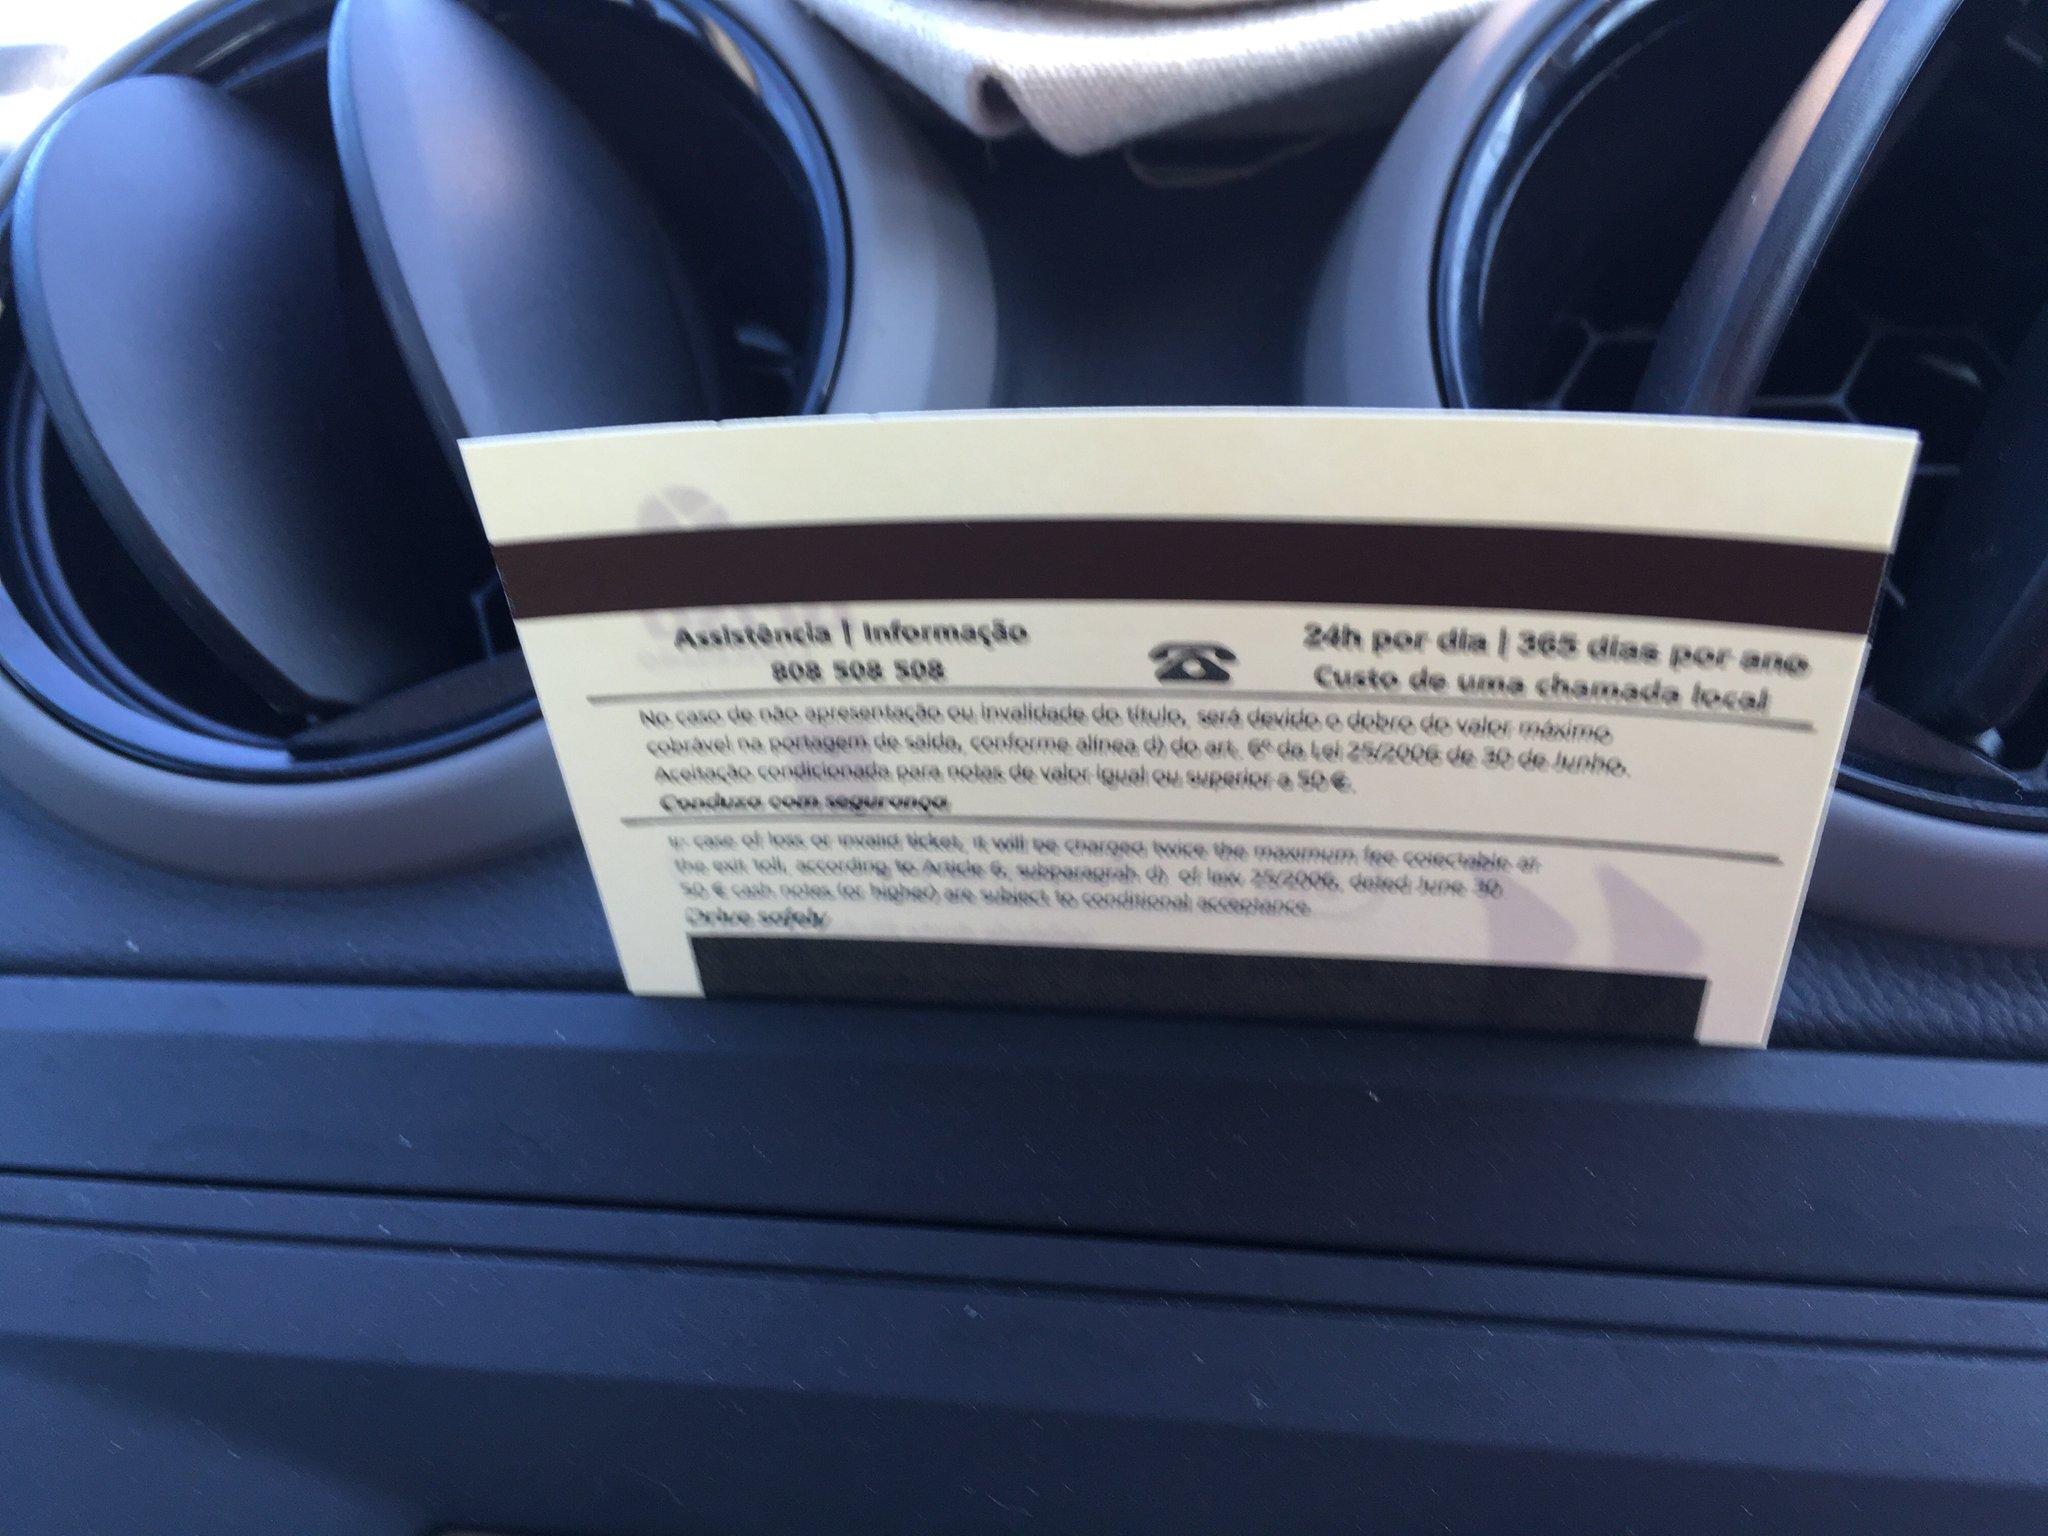 Autofahren in Portugal… Haben ein Mautkästchen. mussten jetzt doch ein Ticket ziehen. Blöd! #olimarreisen #meurers https://t.co/qBazGD2EYv